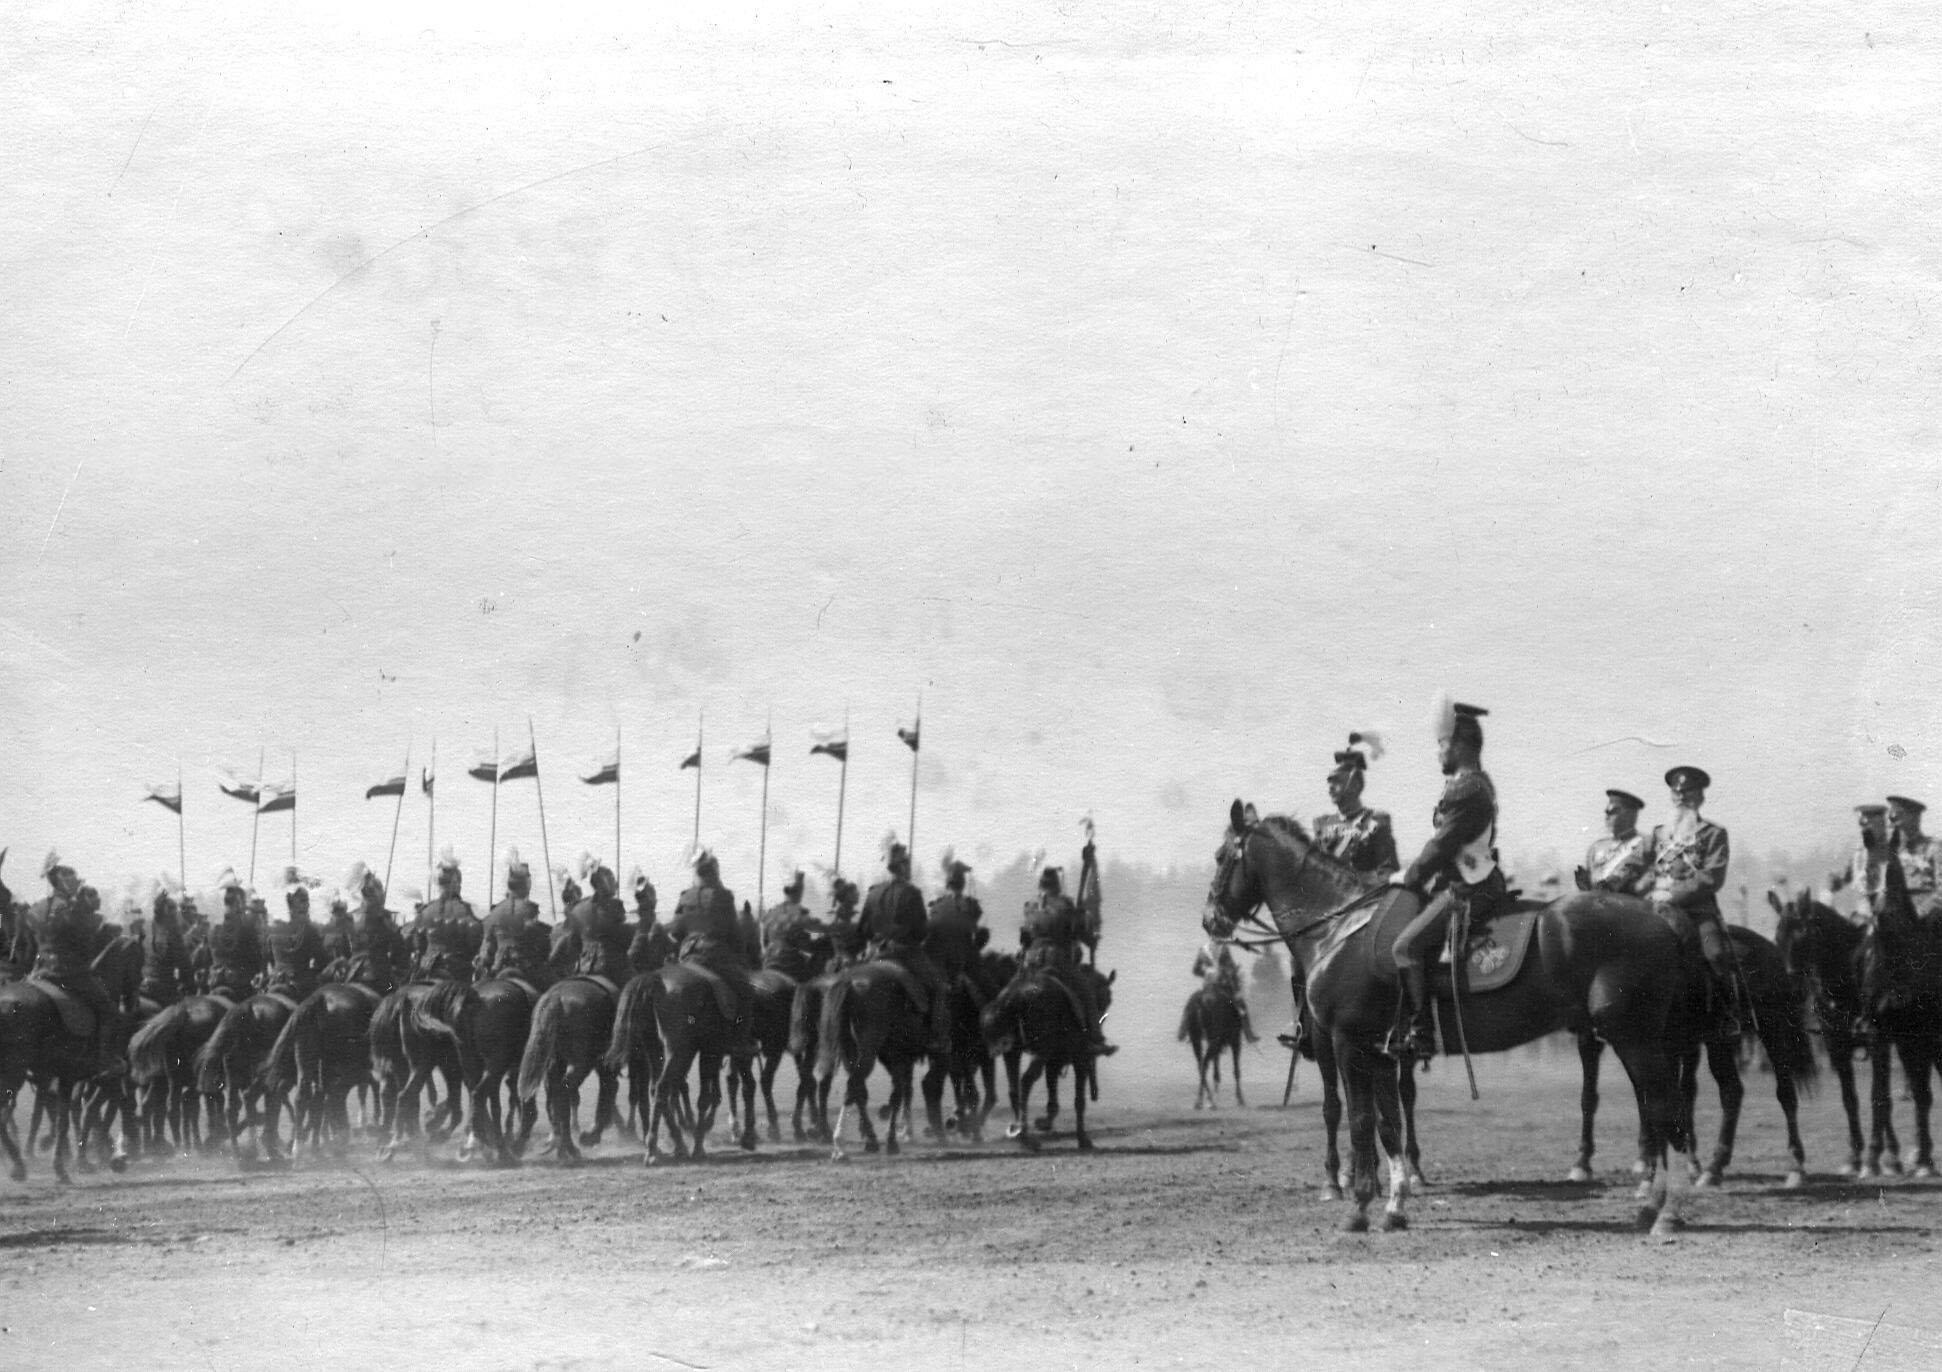 Император Николай II принимает парад Уланского Её Величества лейб-гвардии полка